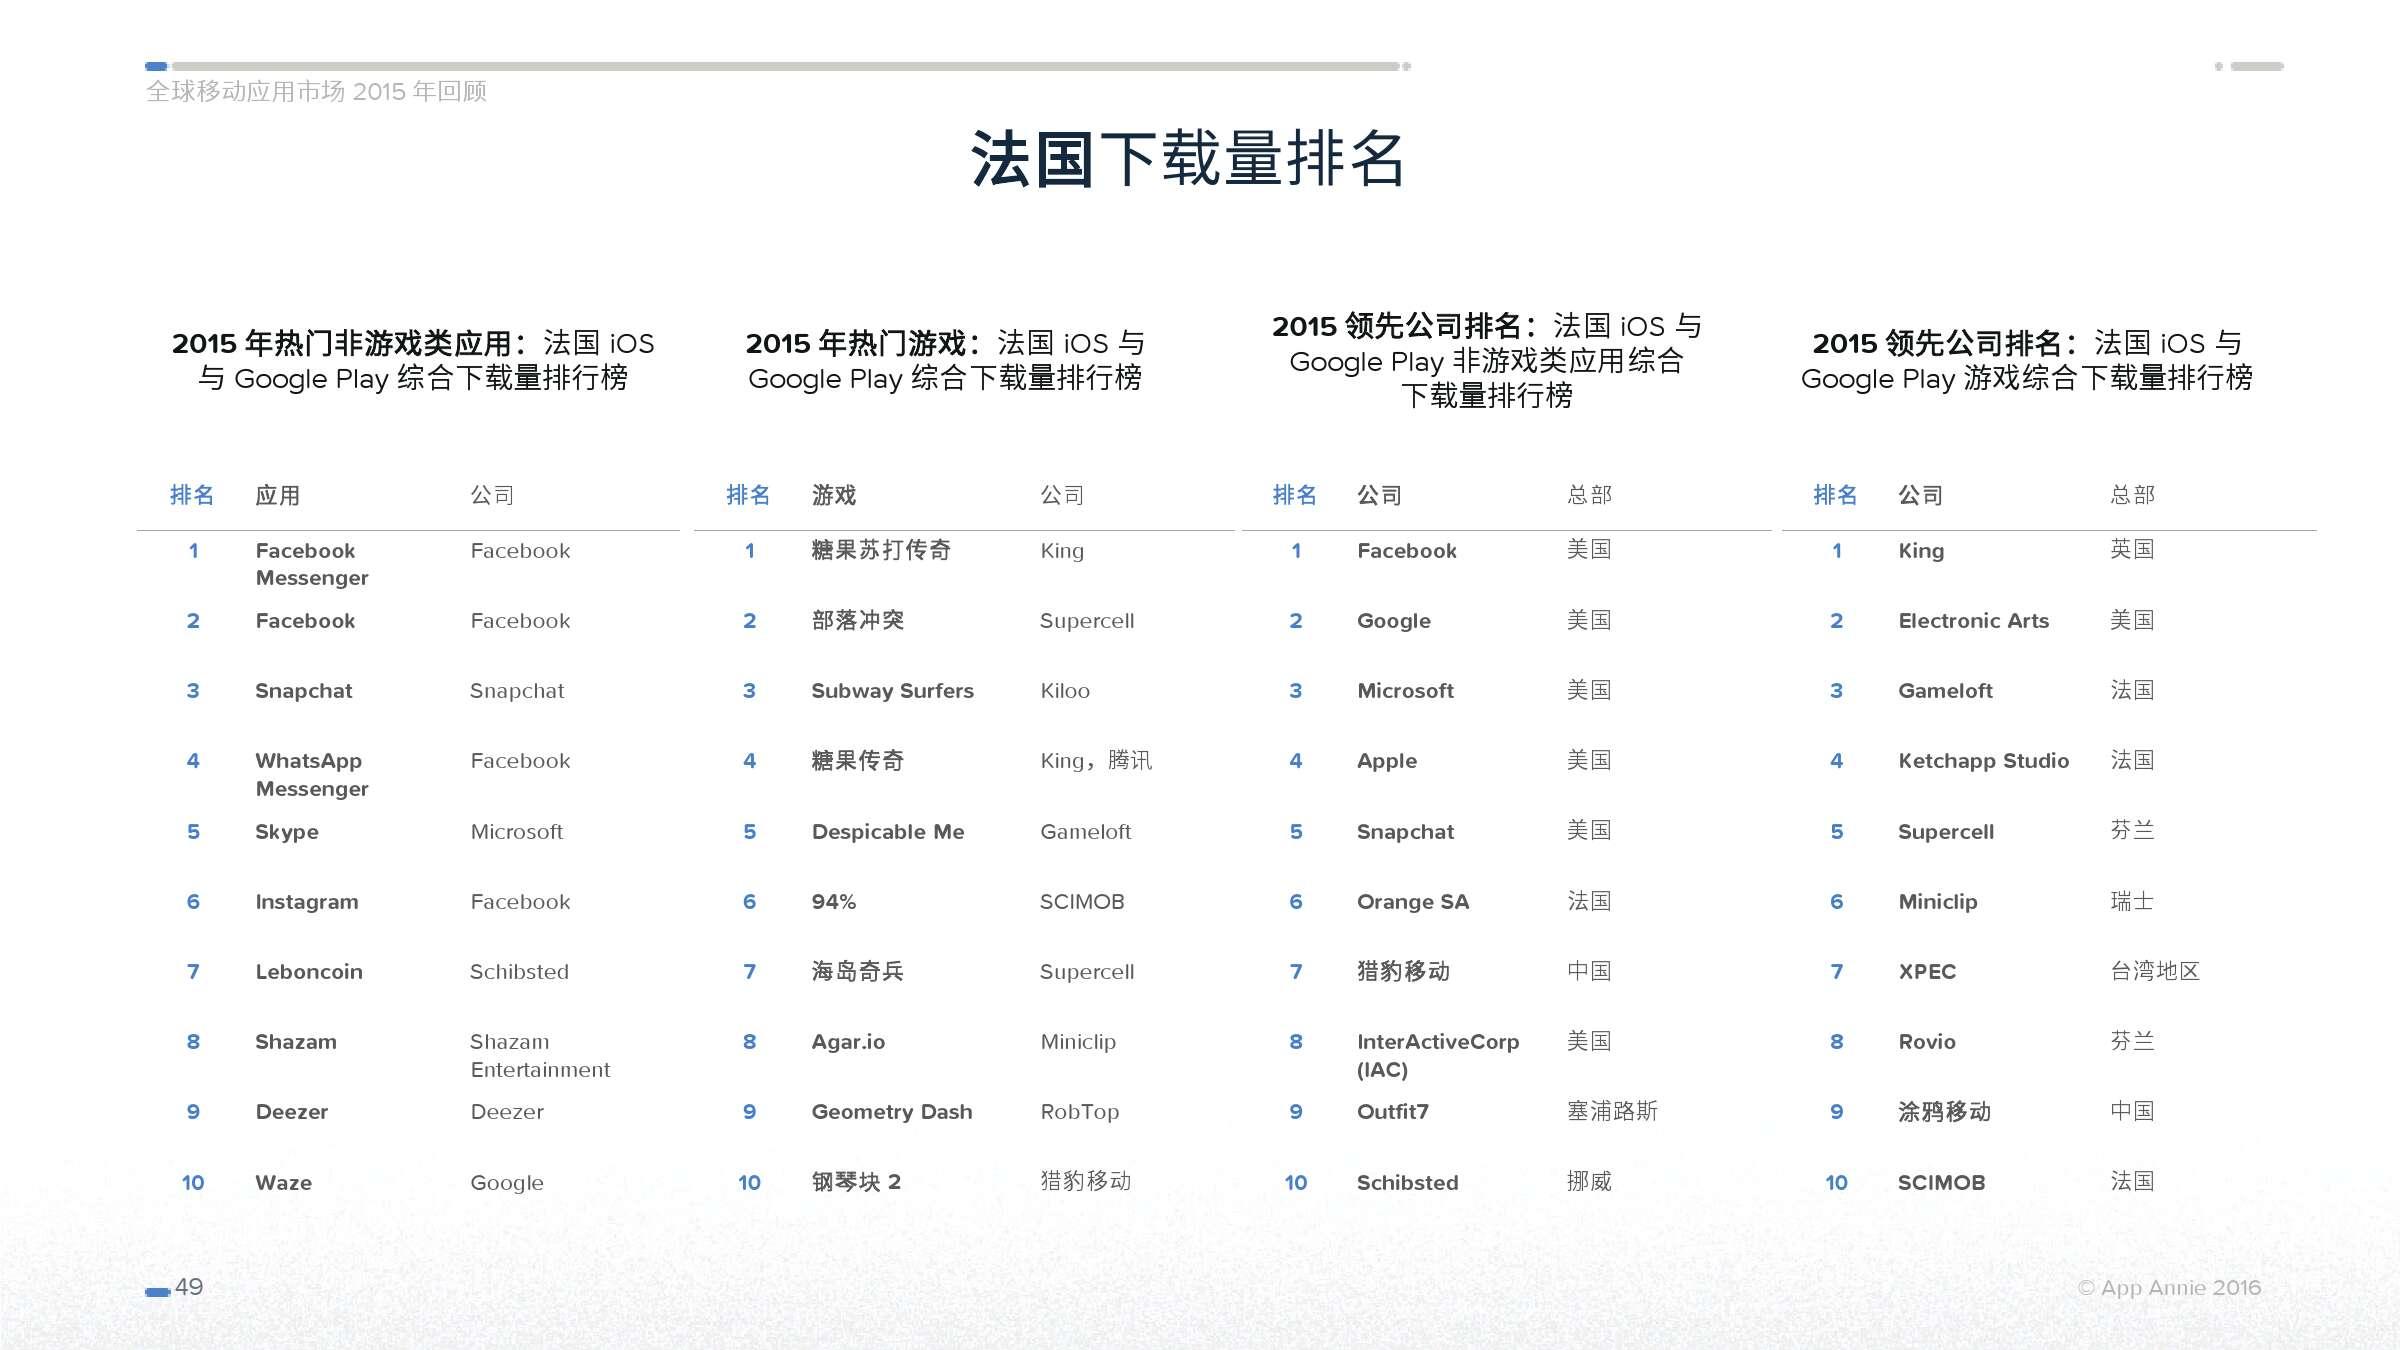 App Annie 全球移动应用市场 2015 年回顾_000049